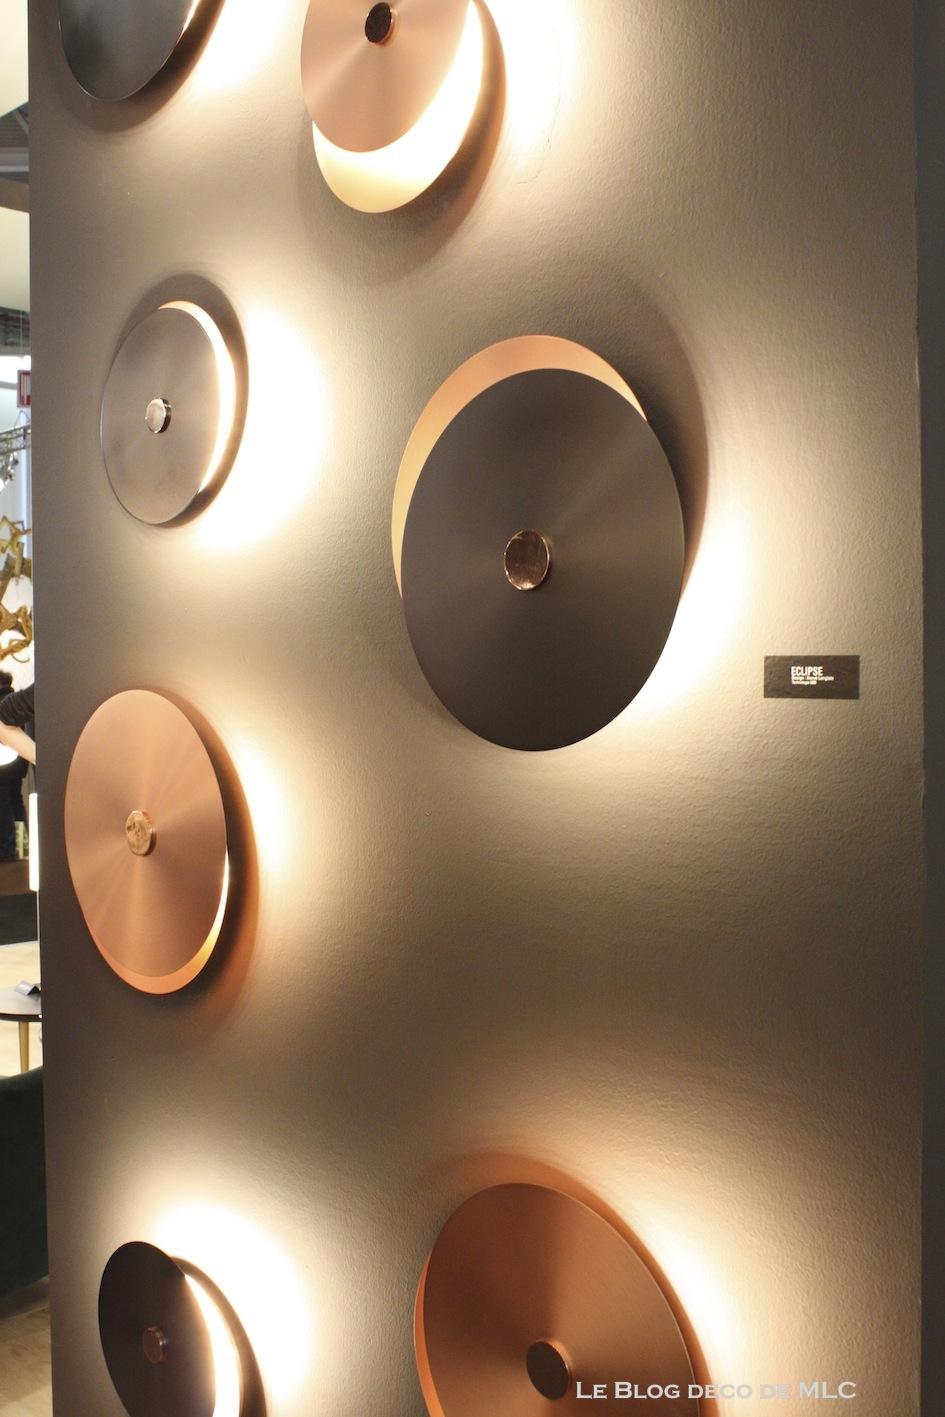 luminaire applique murale cuivre disque Résultat Supérieur 15 Incroyable Suspension Murale Luminaire Pic 2017 Zzt4